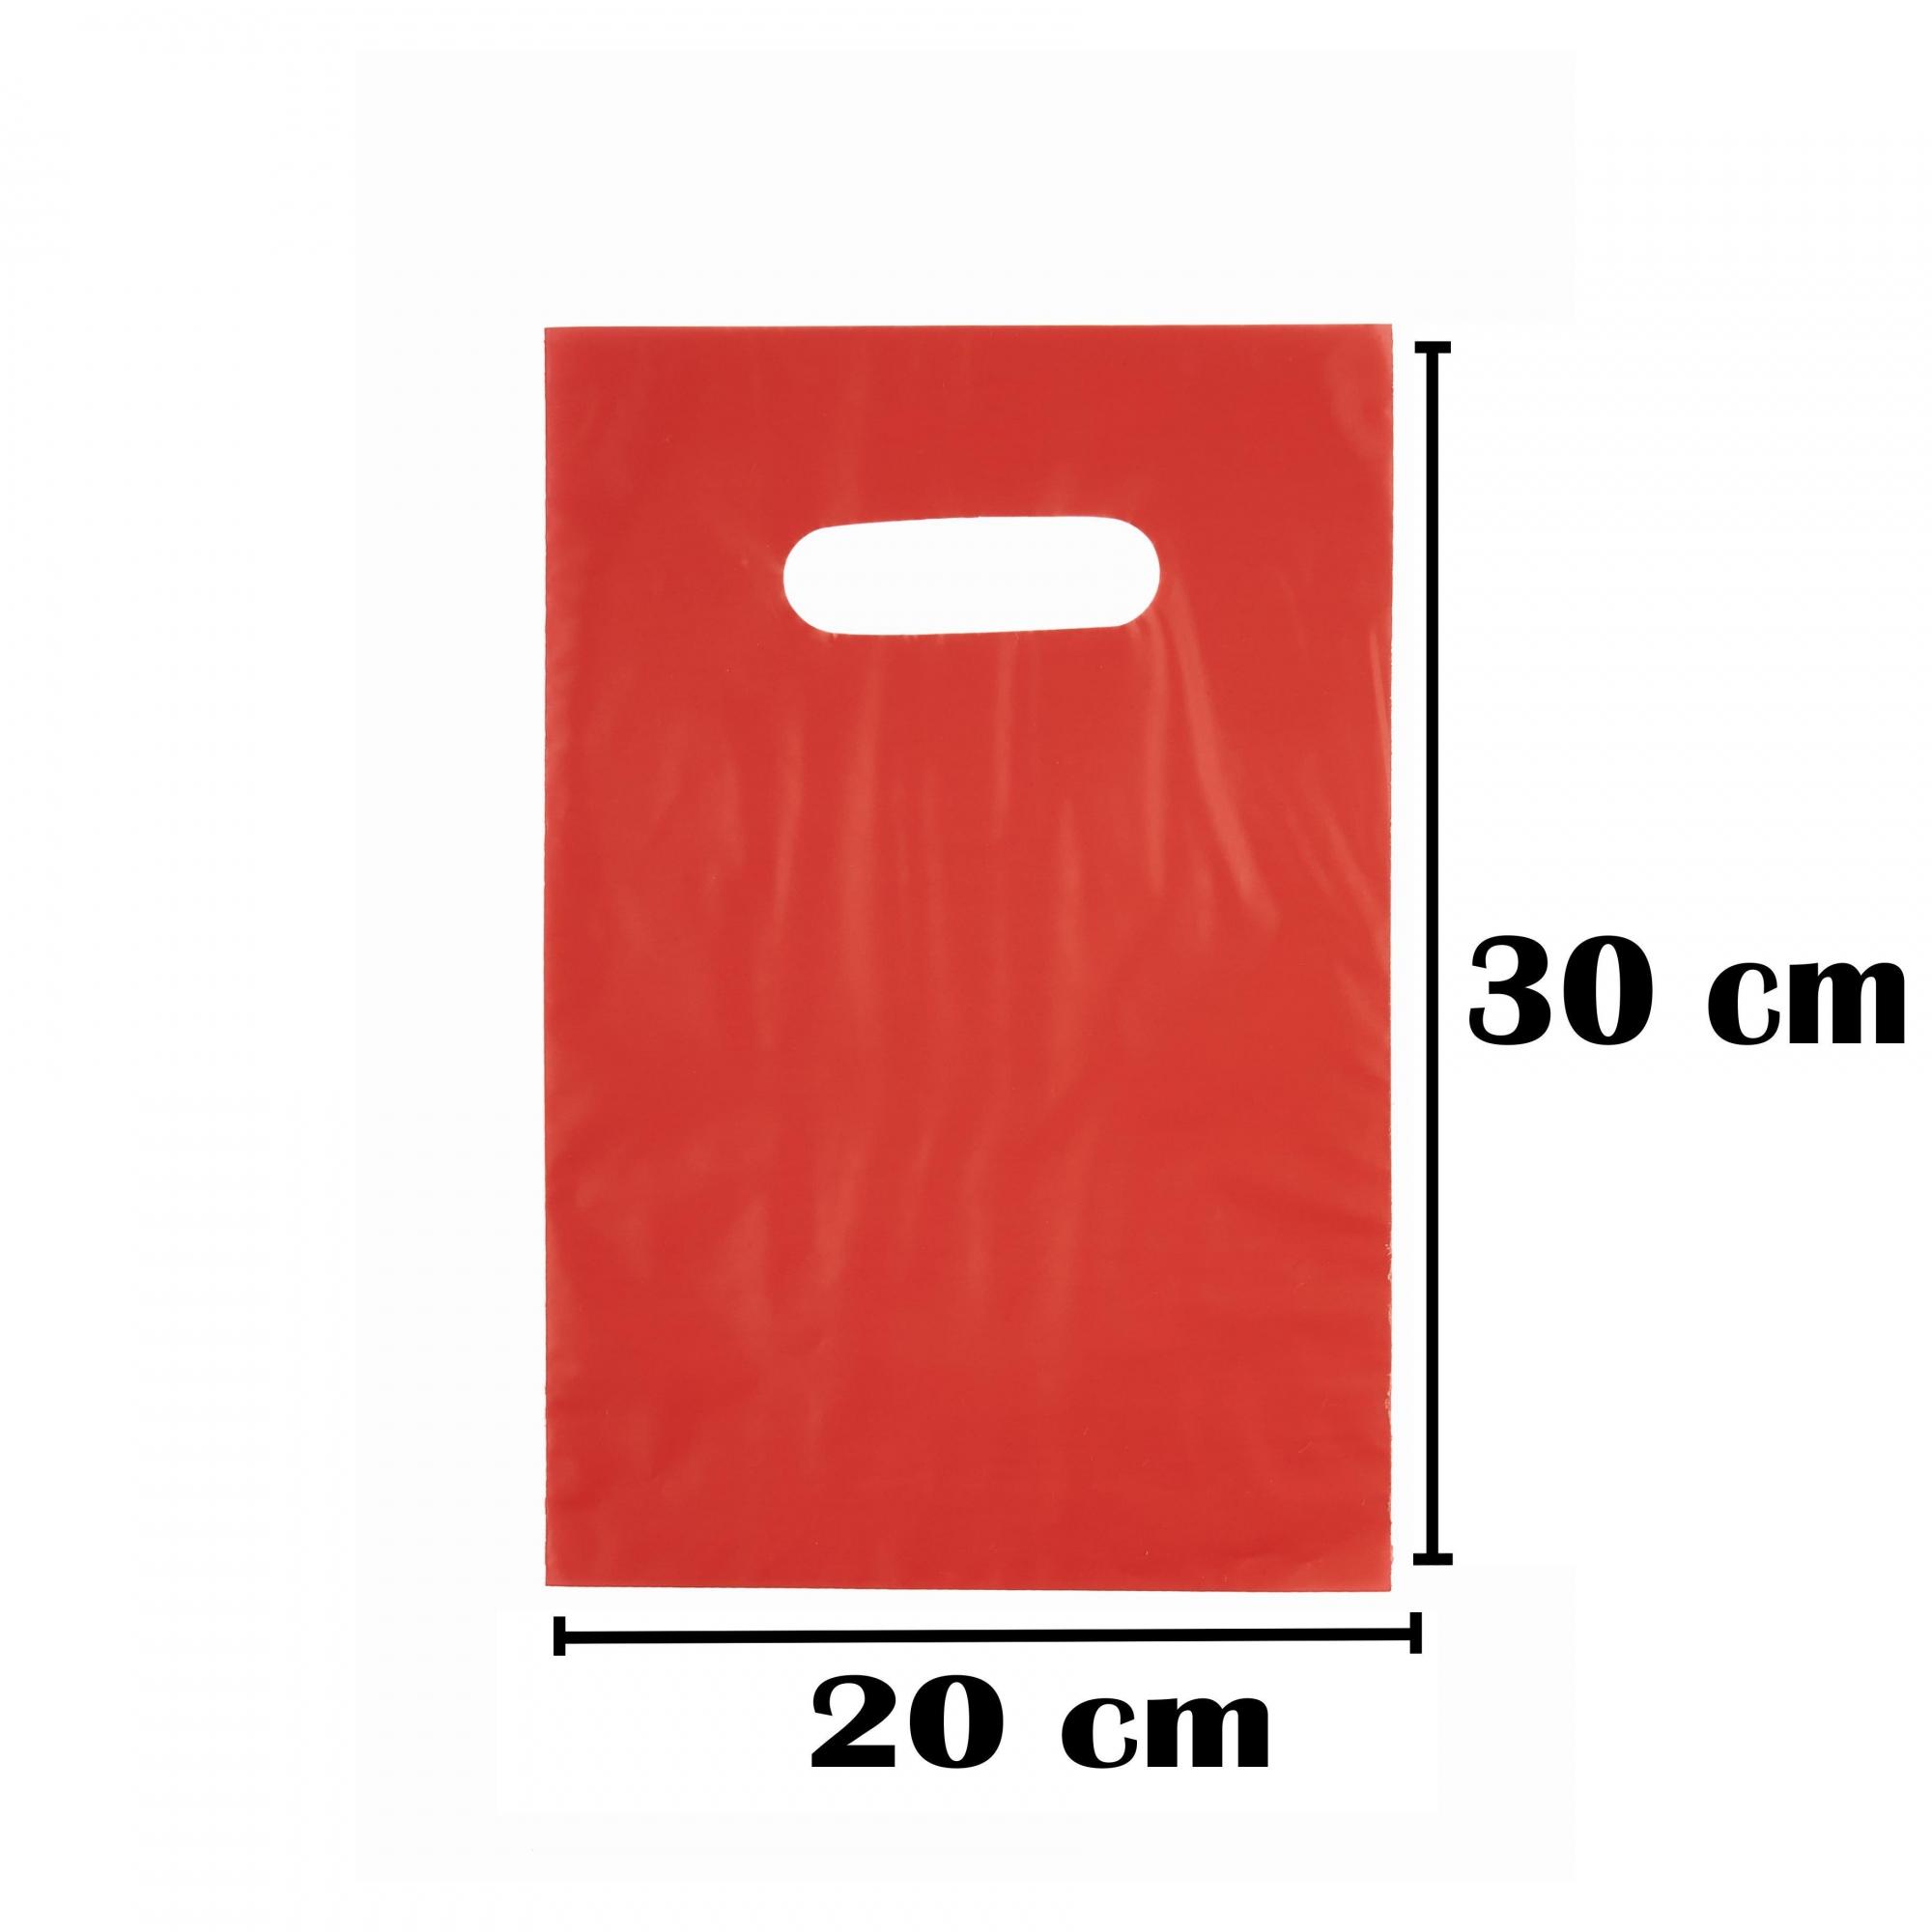 Sacola Plástica 20x30 Vermelha Alça Boca de Palhaço 100 Unidades